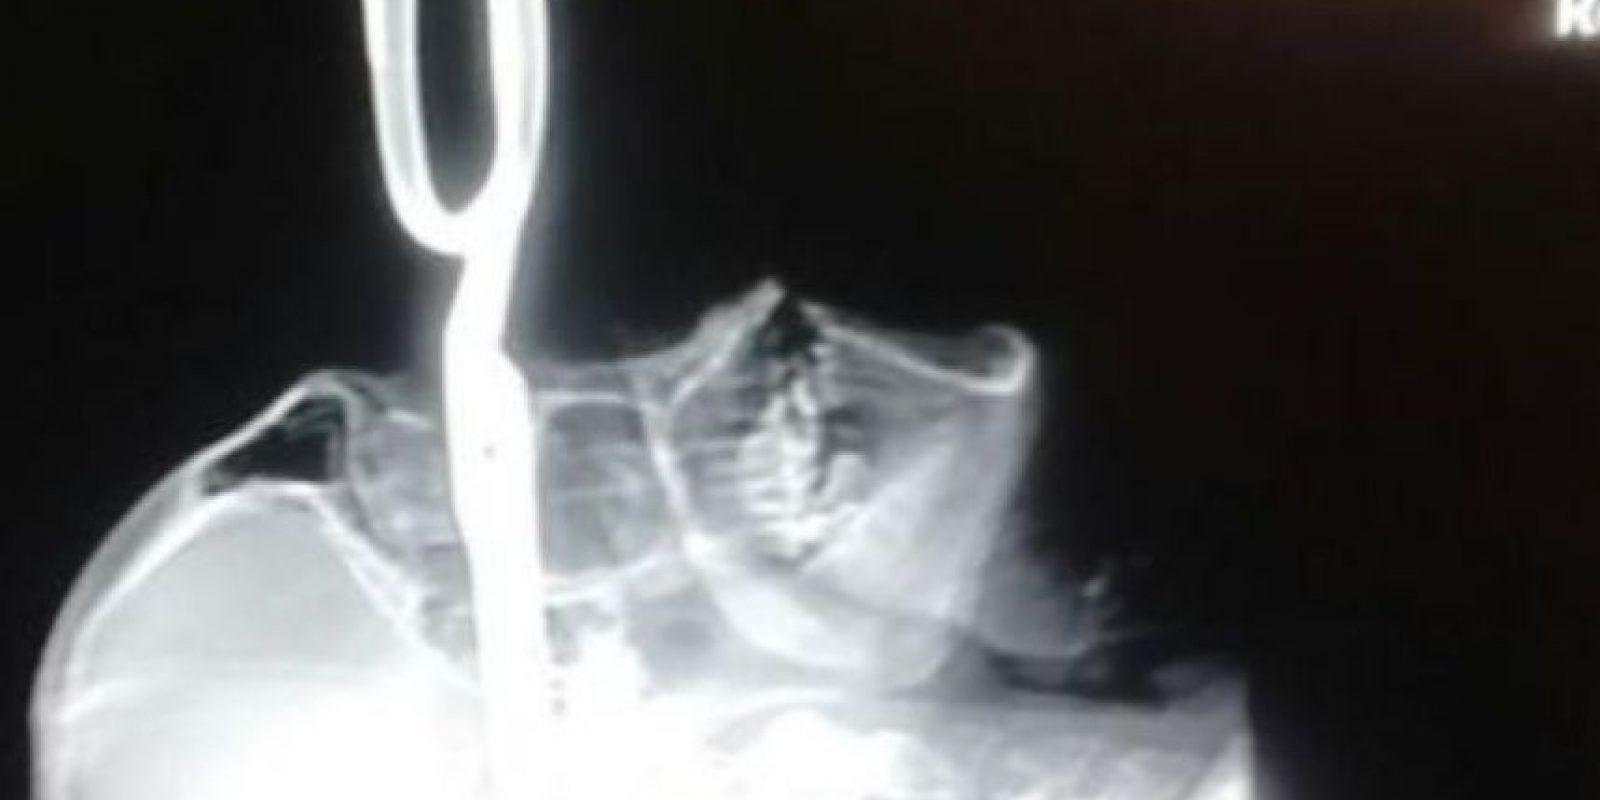 Jonas Acevedo Monroy, de 32 años y del estado de Chihuahua en México fue atacado por Miguel Ángel Rodríguez Armendáriz, alias El Sierreño', quien le clavó unas tijeras luego de la discusión. Foto:Fiscalía de Chihuahua